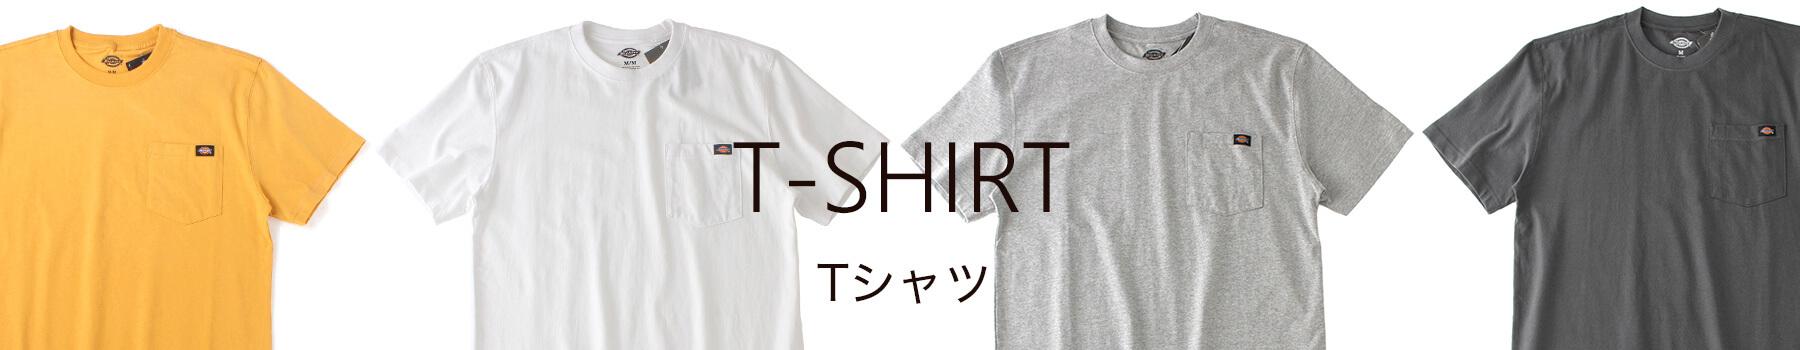 Tシャツ特集